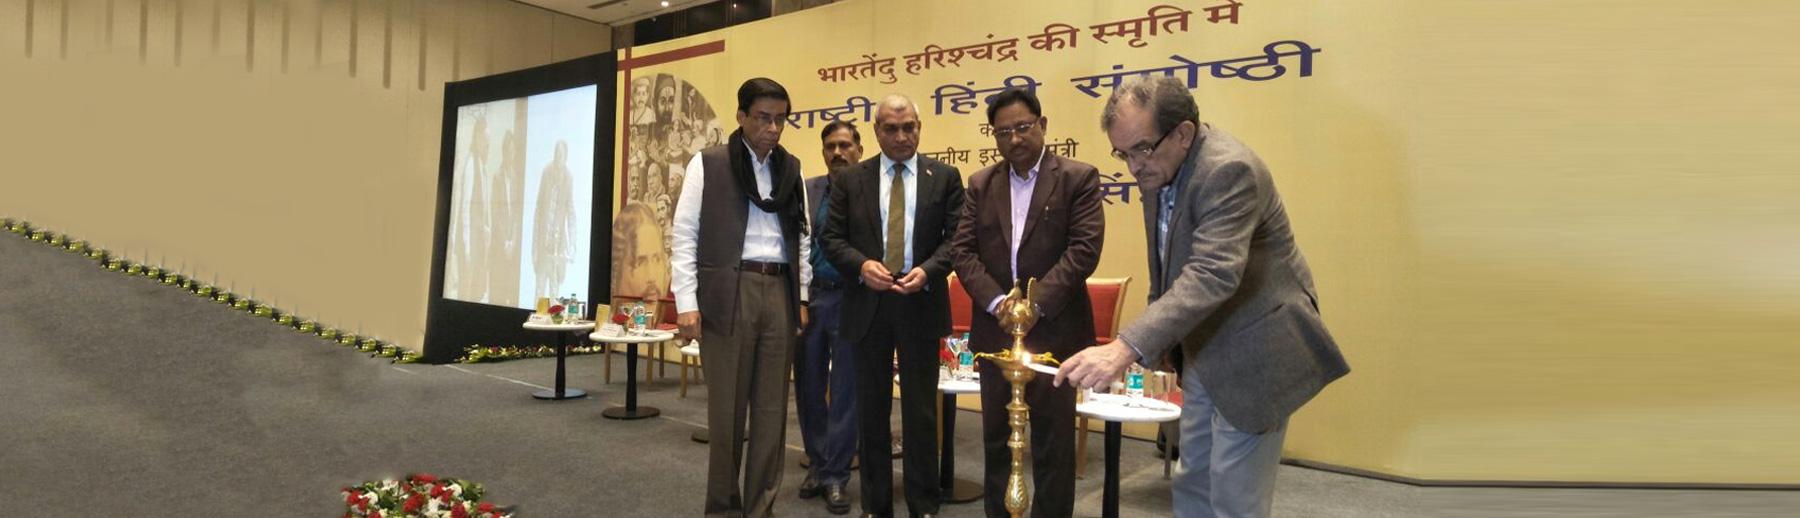 भारतेन्दु हरिश्र्चंद्र जी की स्मृति में आयोजित 'राष्ट्रीय हिंदी संगोष्ठी' में इस्पात मंत्री चौधरी बीरेंदर सिंह जी, इस्पात राज्य मंत्री श्री विष्णु देव साय जी, सयुंक्त सचिव, इस्पात मंत्रालय एवं सीएमडी एमएसटीसी |